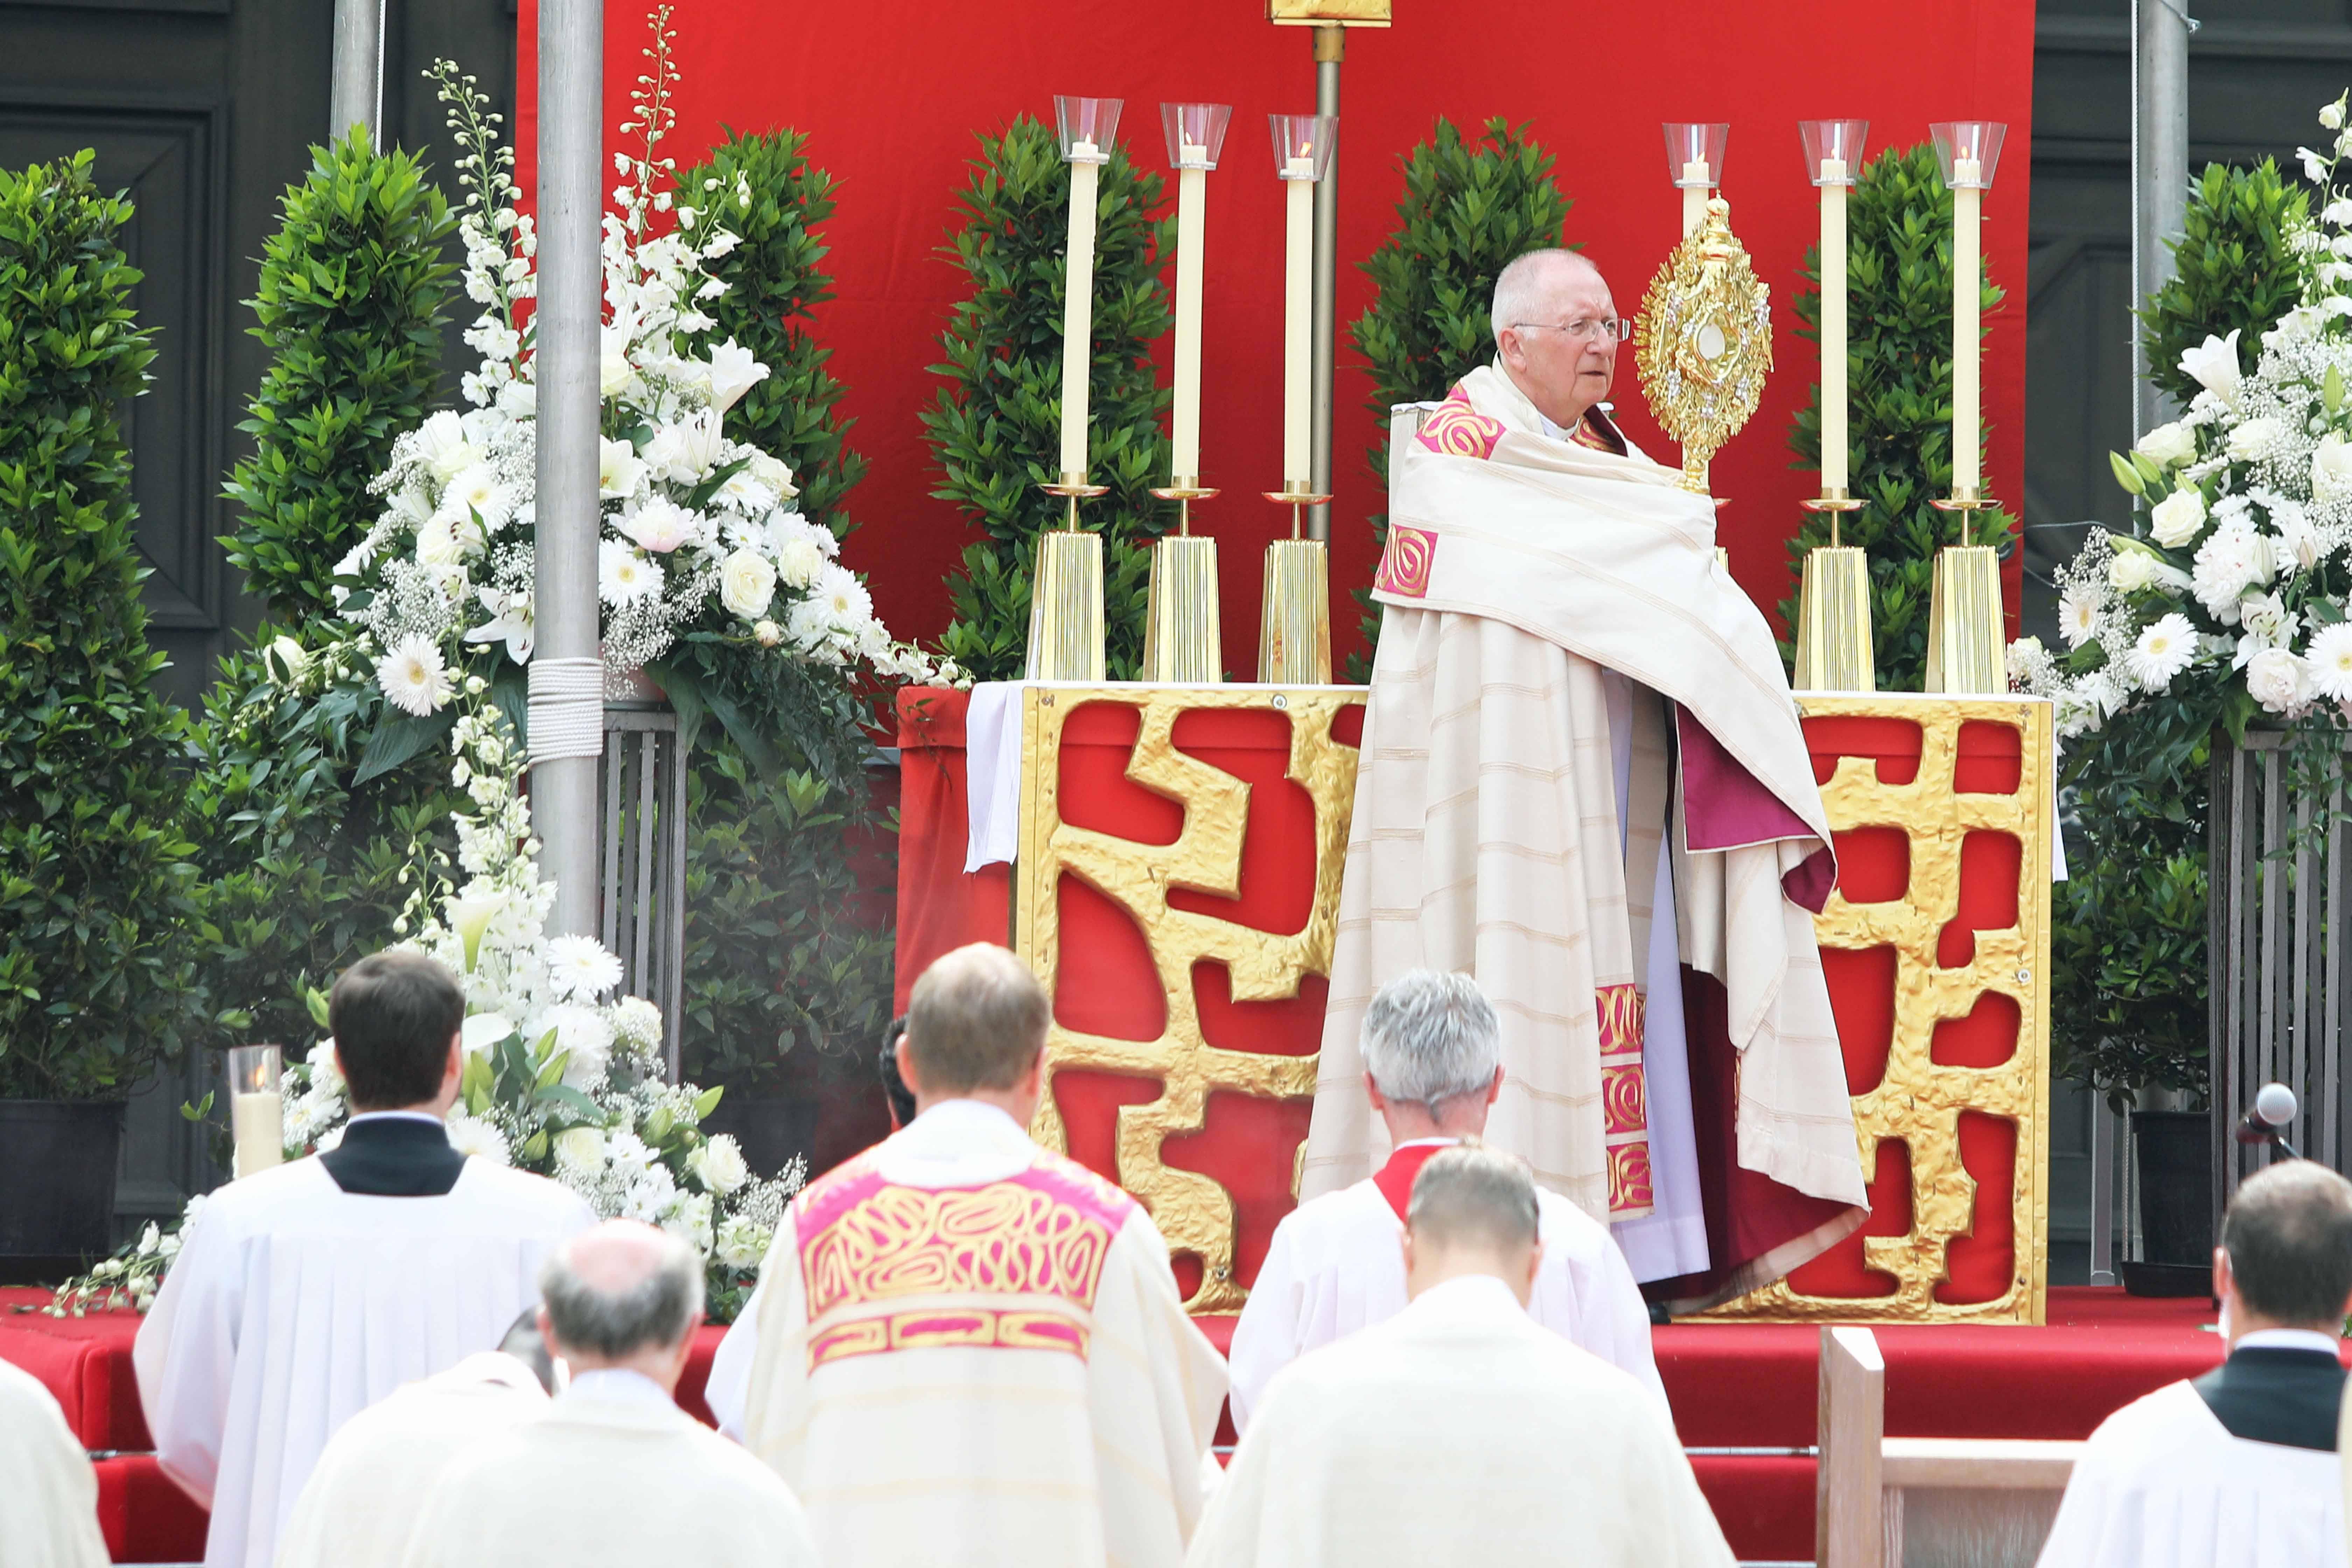 Weihbischof Ulrich Boom wird beim Fronleichnamsgottesdienst Bischof Dr. Franz Jung vertreten. Das Bild entstand bei der Fronleichnamsprozession im Jahr 2018 auf dem Residenzplatz.